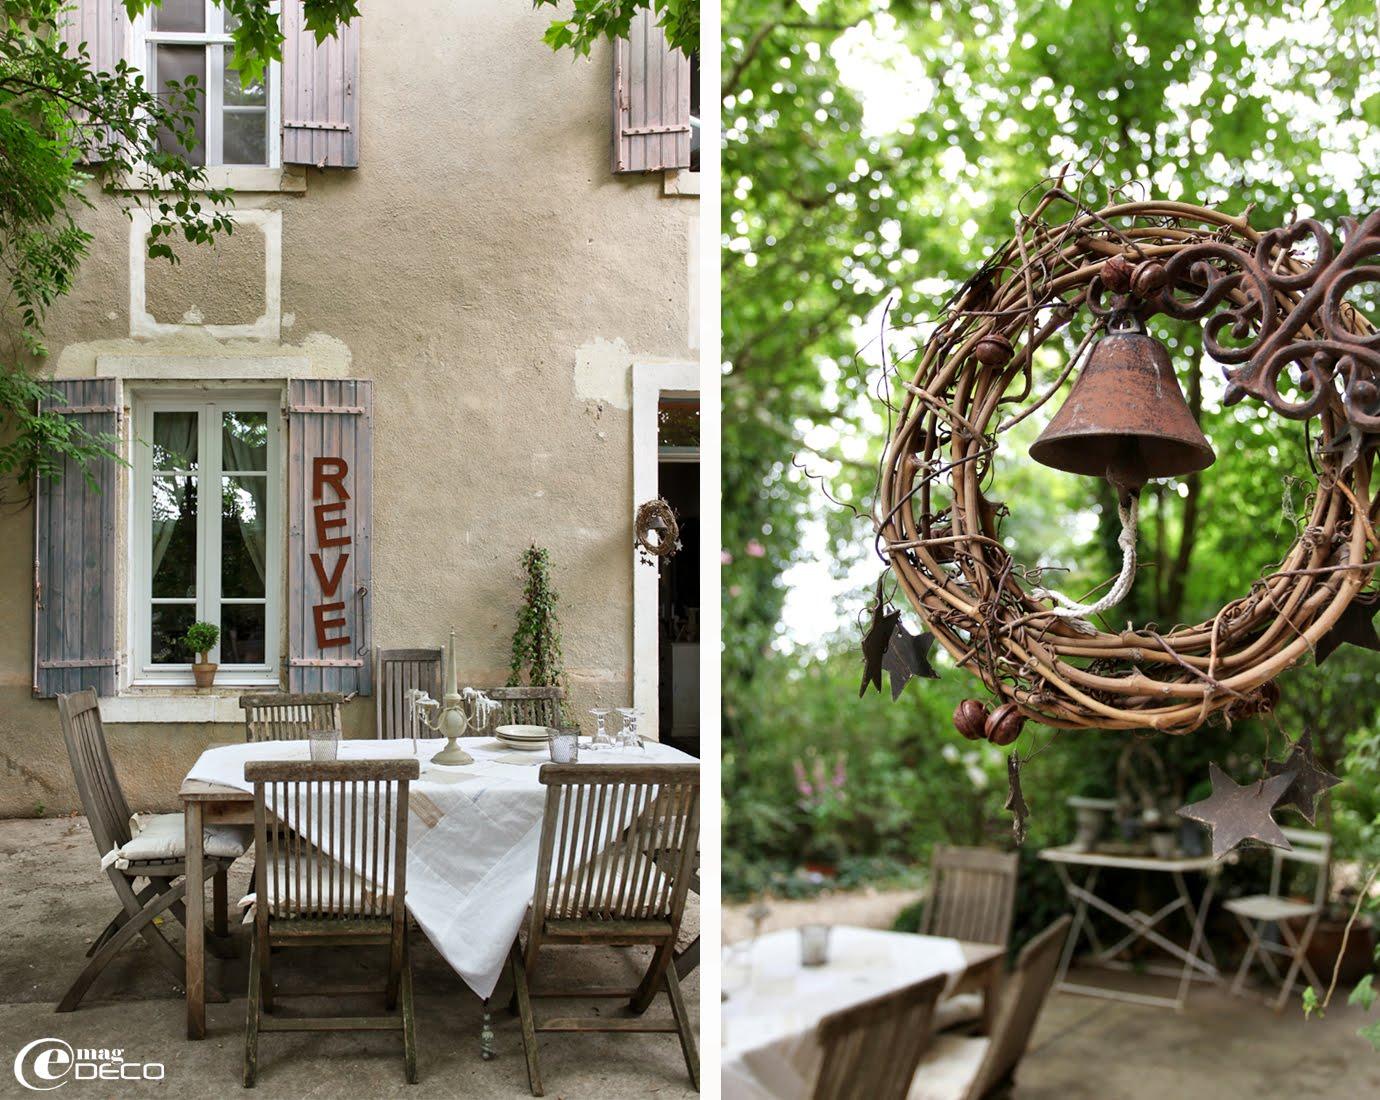 Sur la terrasse devant la maison d'Elsa, une table est dressée avec une nappe en patchwork de tissus anciens, création Les toiles de l'une